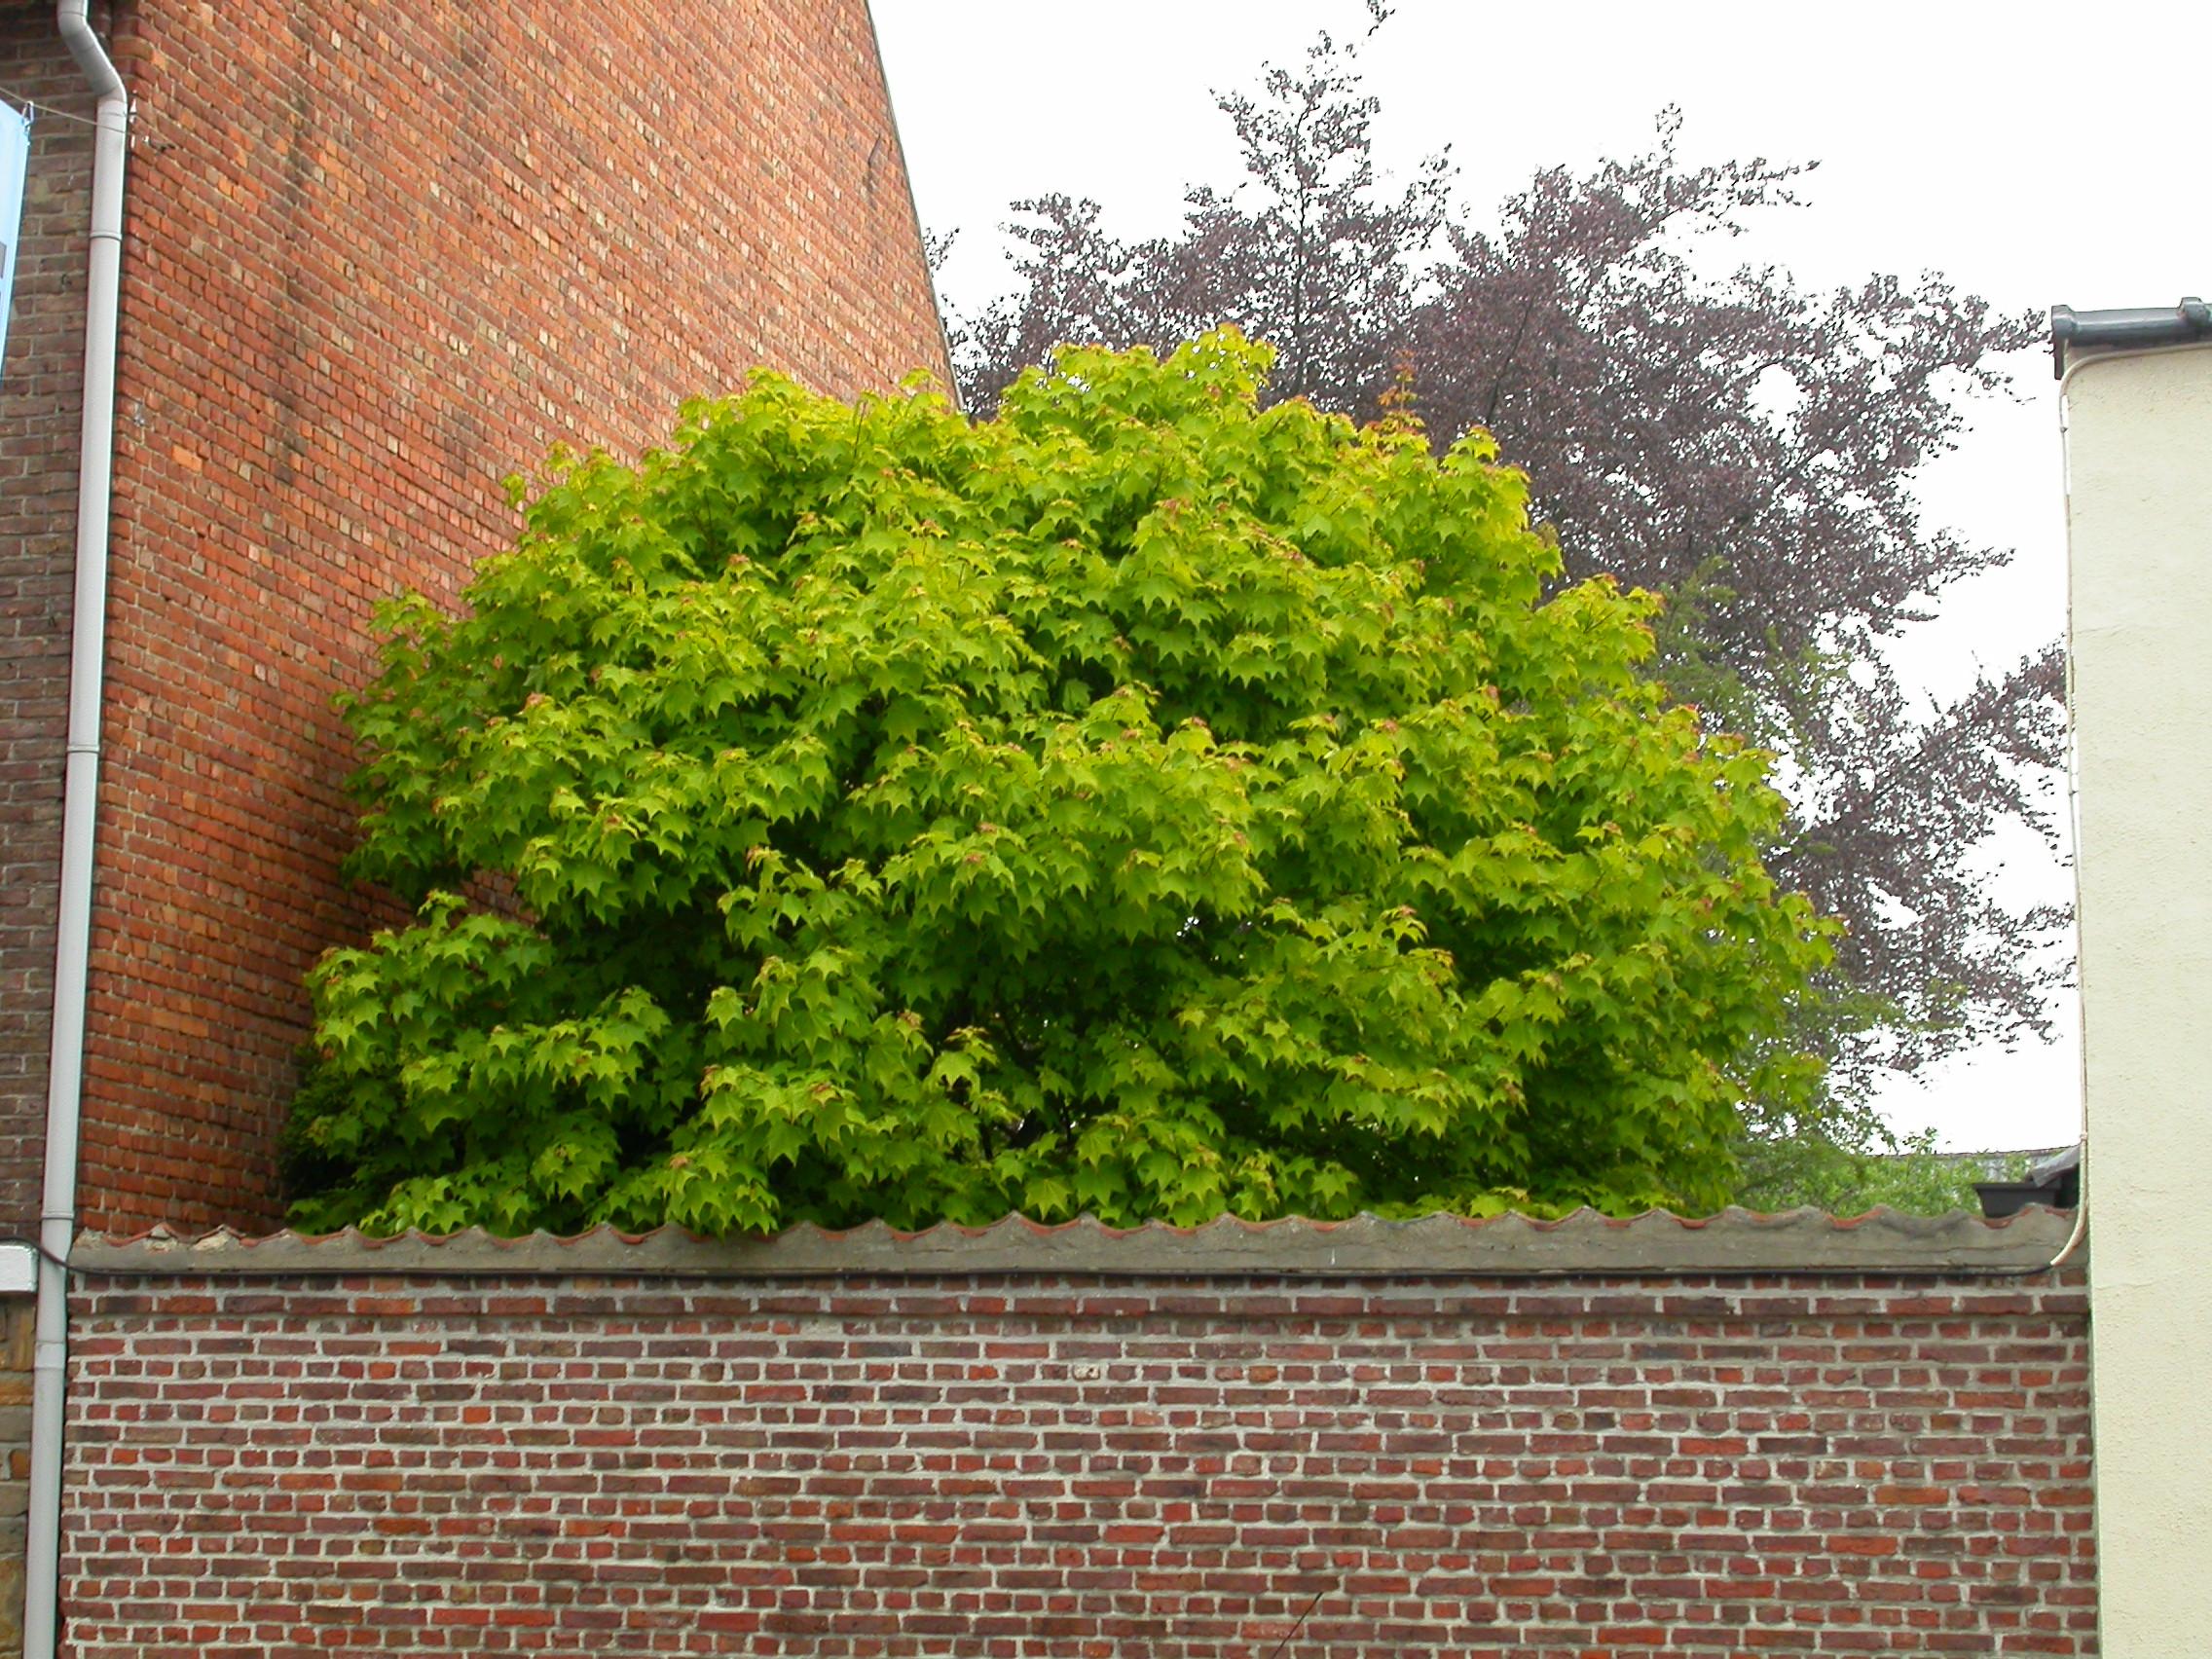 paul tree leafs green top garden wall